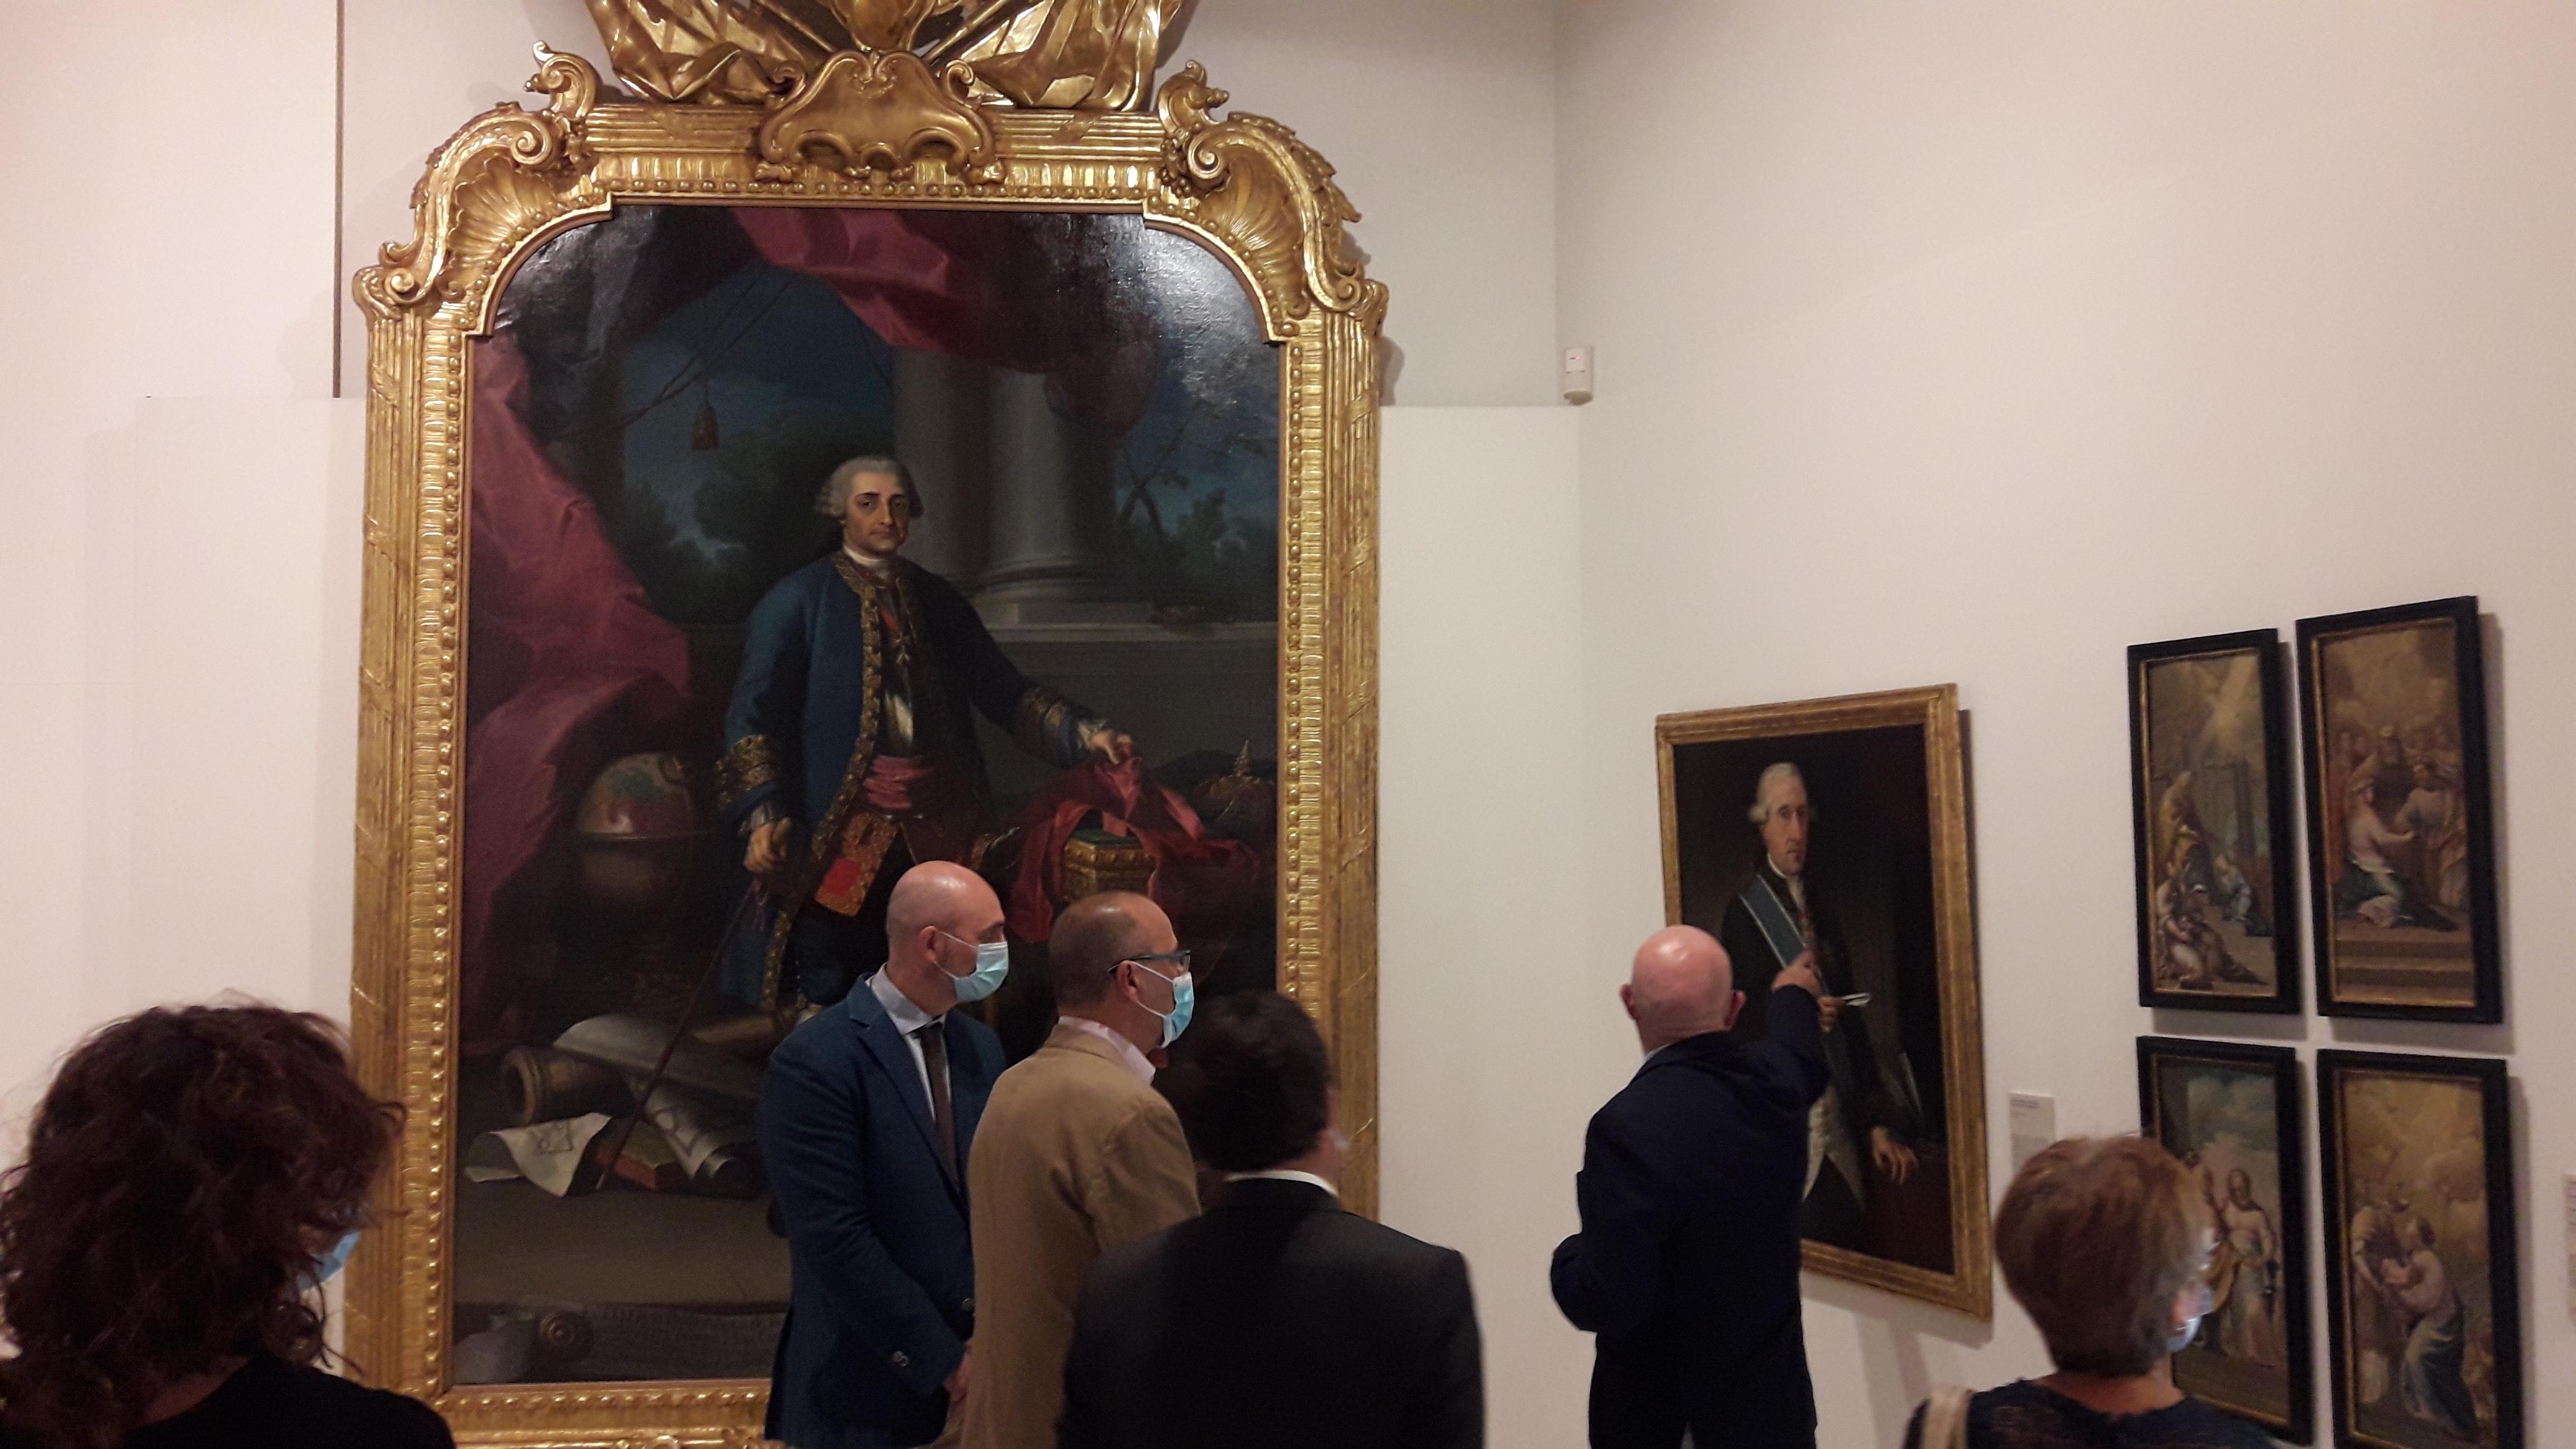 Presentación de la Guía del Museo de Huesca, acuarelas de Valentín Carderera y renovación expositiva, 29 de junio de 2020